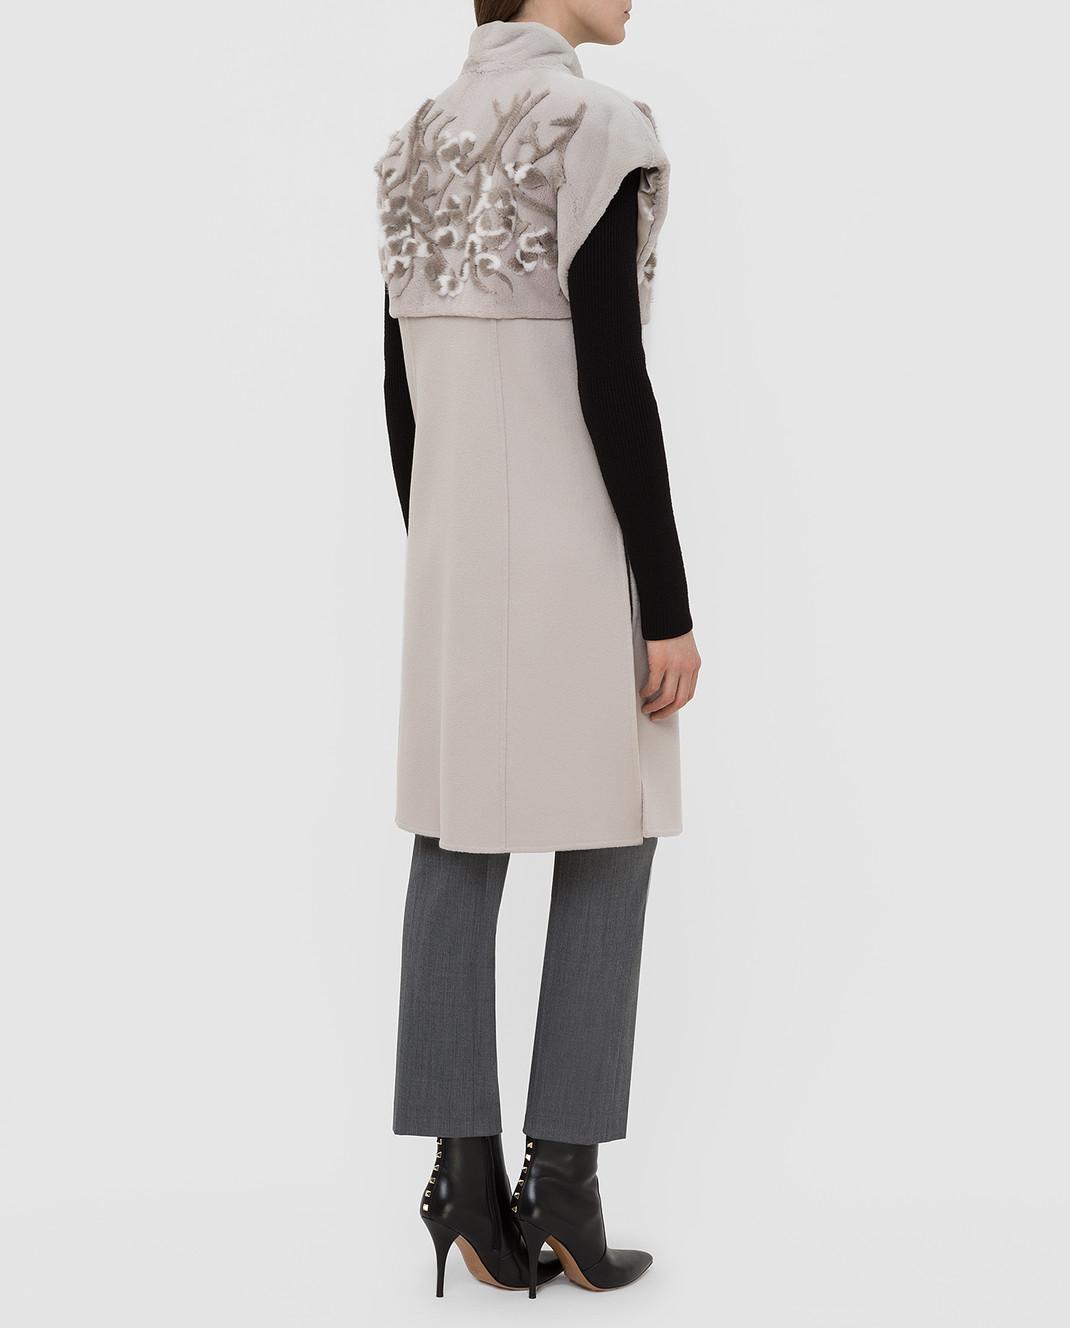 Rindi Светло-серый жилет из кашемира с мехом норки изображение 4